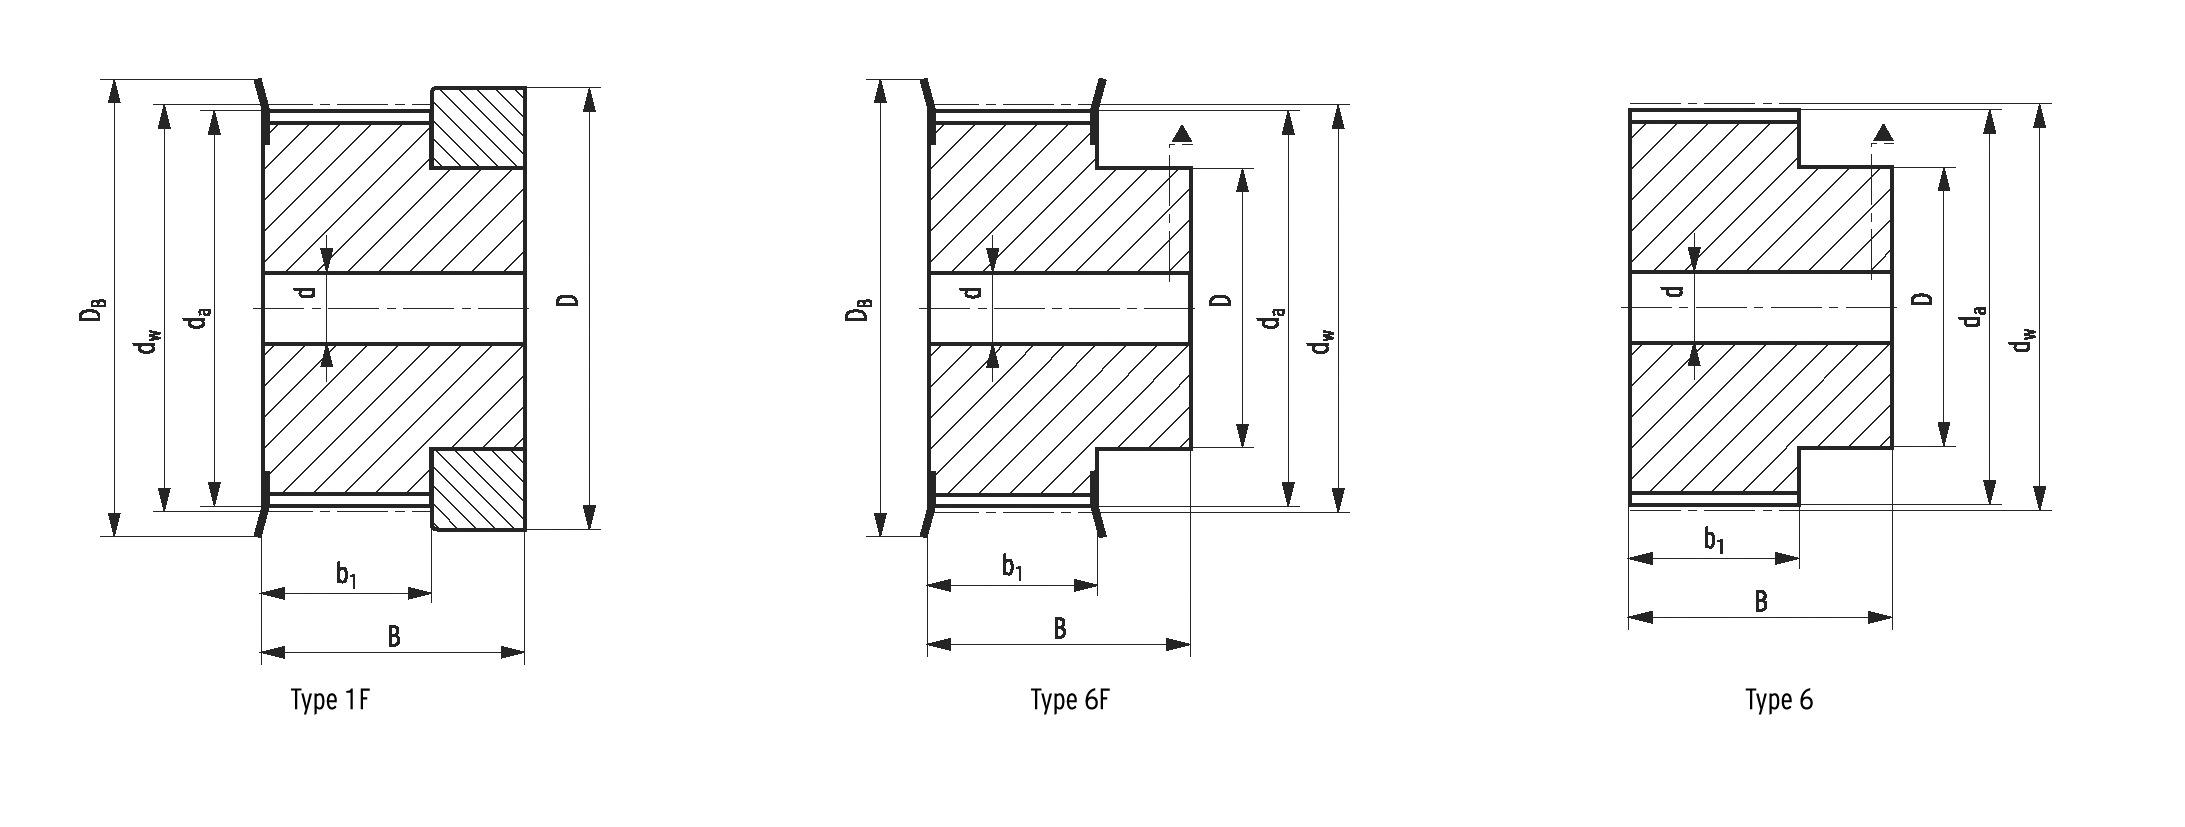 HTD Zahnriemenscheibe 3M  28-3M-9 mm Riemenbreite Teilung 3 mm